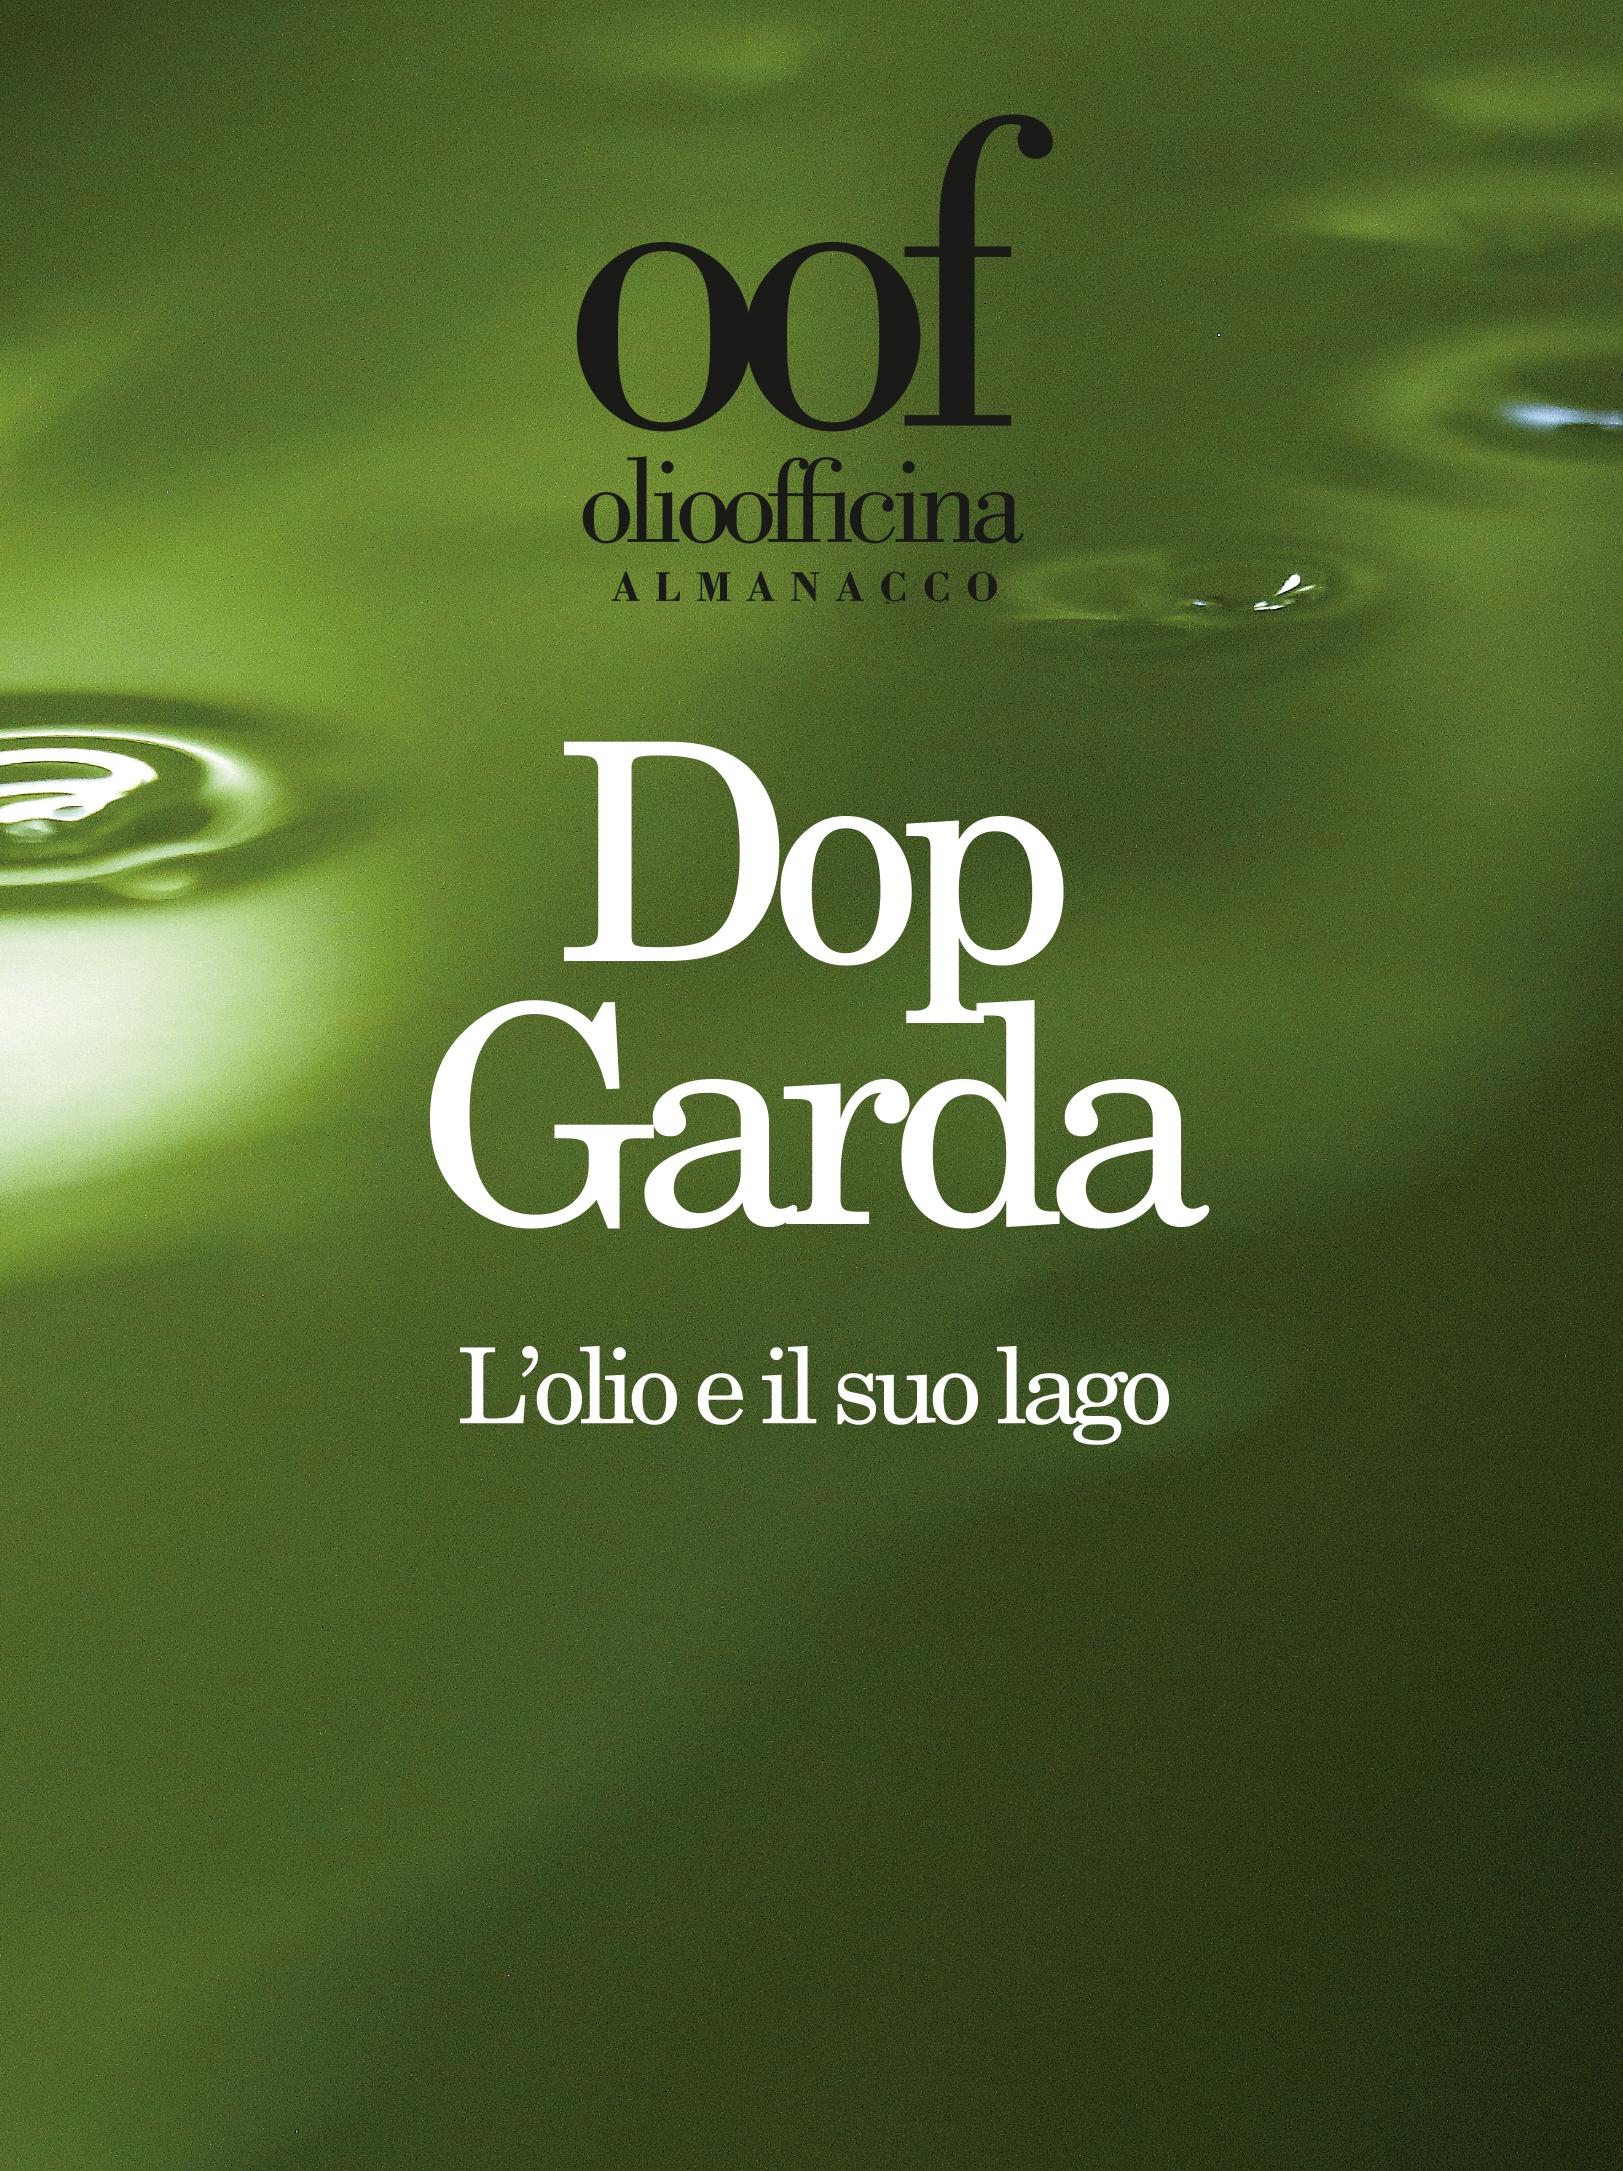 Dop Garda. L'olio e il suo lago